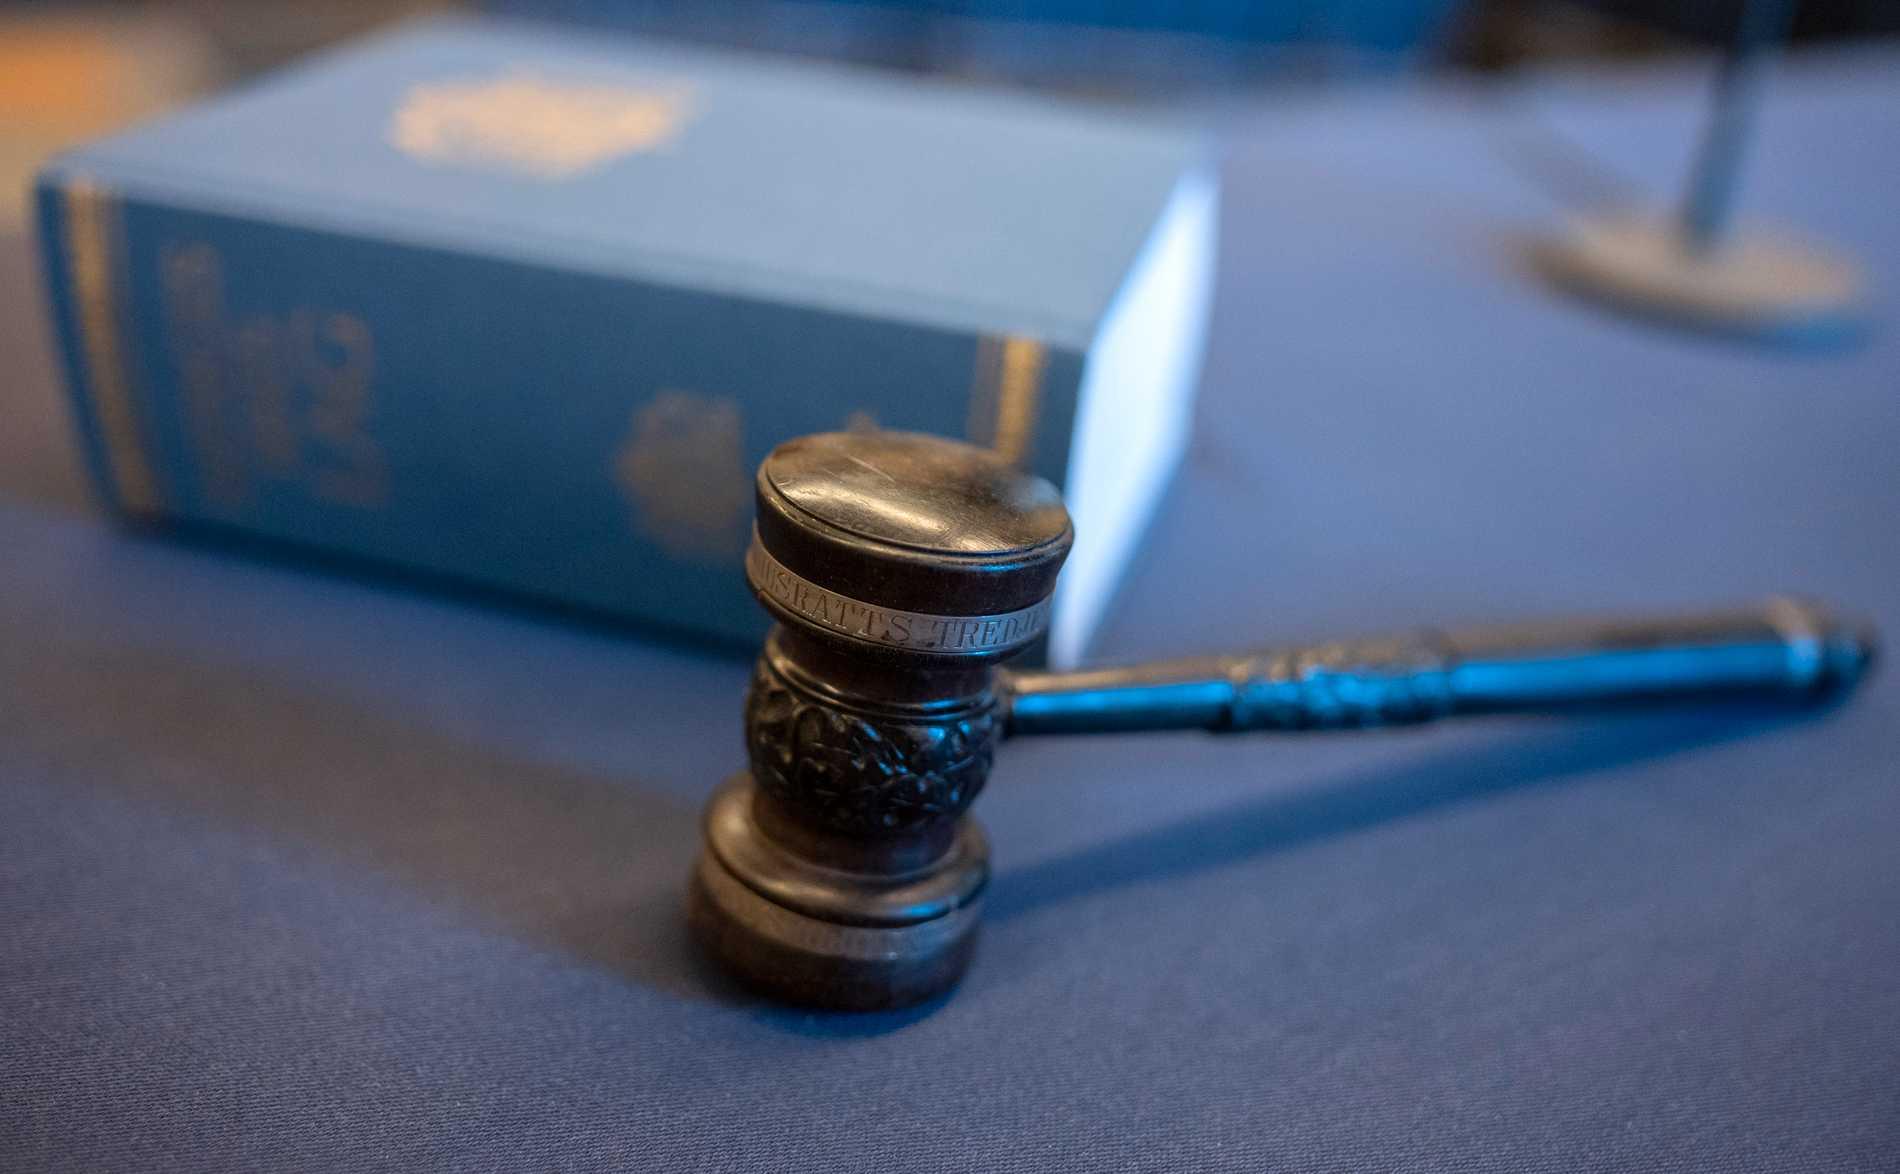 Chefen friades först i tingsrätten hösten 2020, men hovrätten är av annan åsikt. Arkivbild.